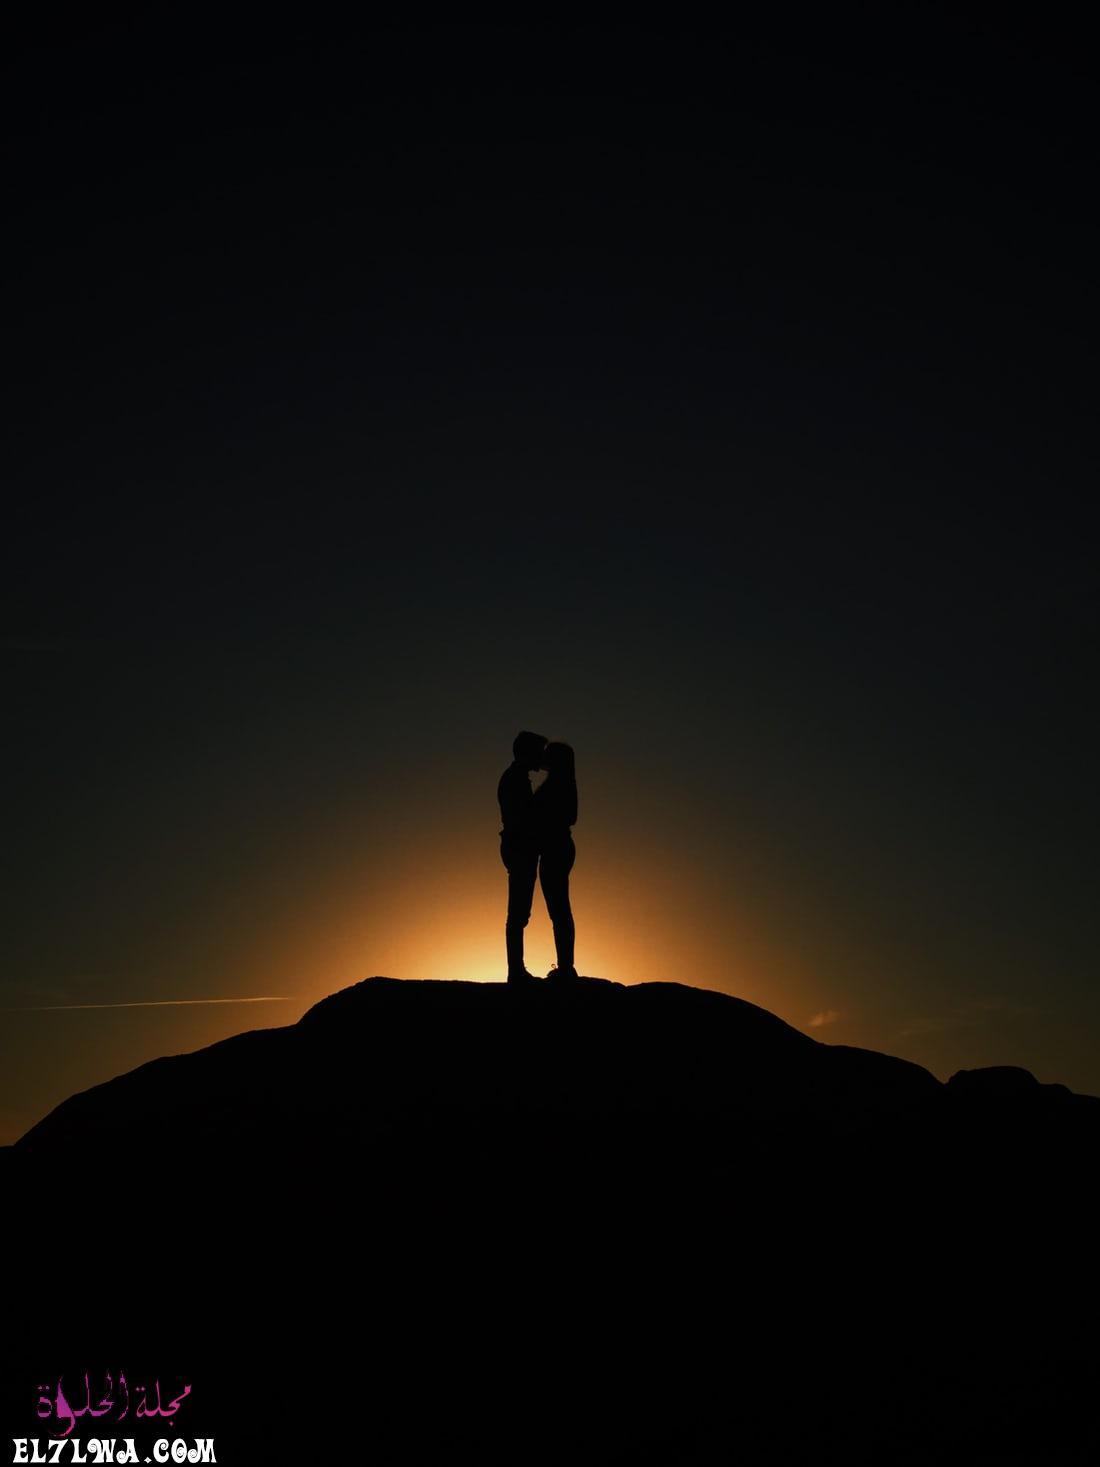 صور رومانسية حب